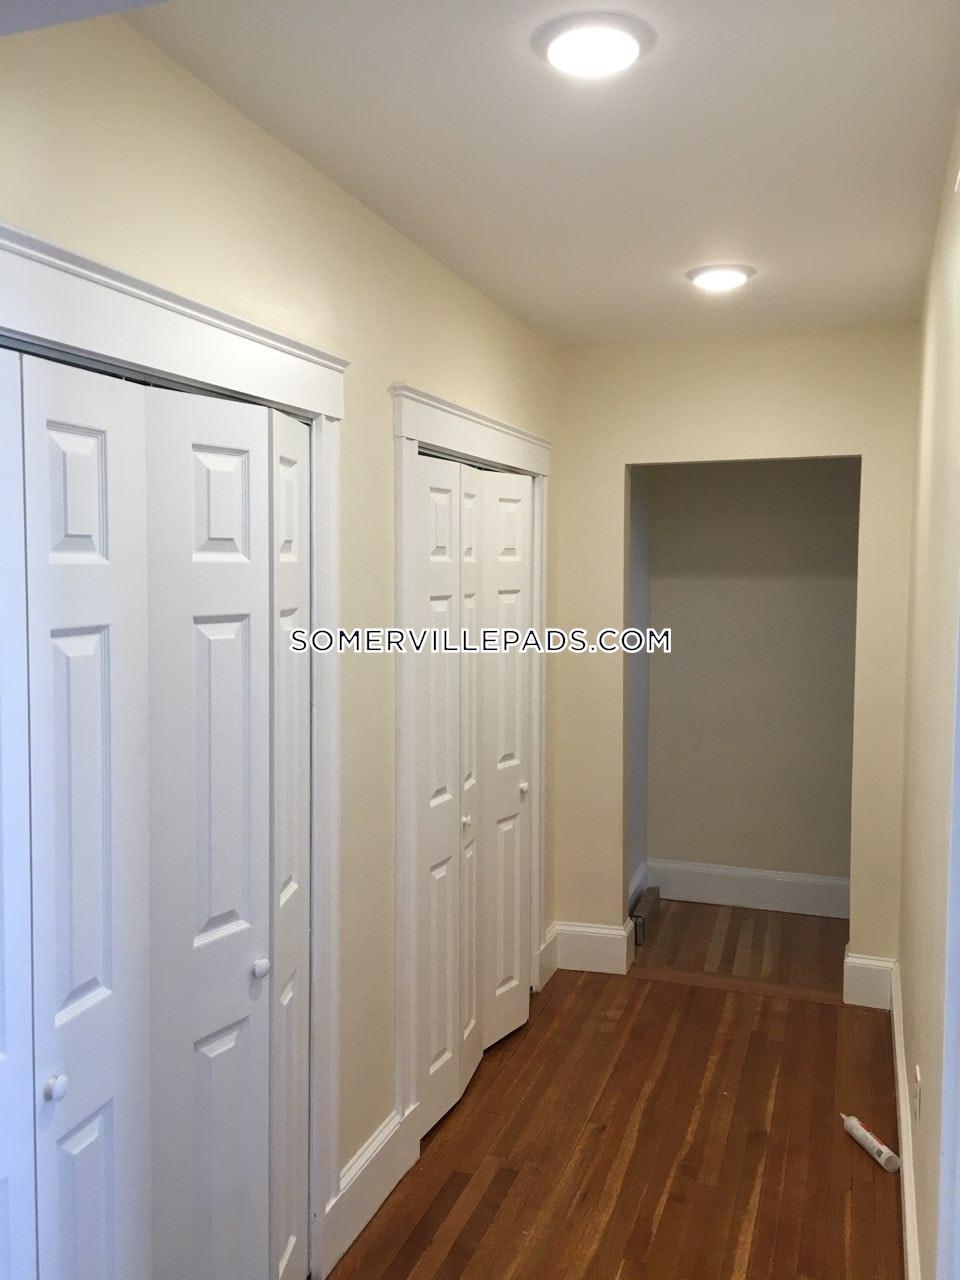 2-beds-1-bath-somerville-winter-hill-2450-461555